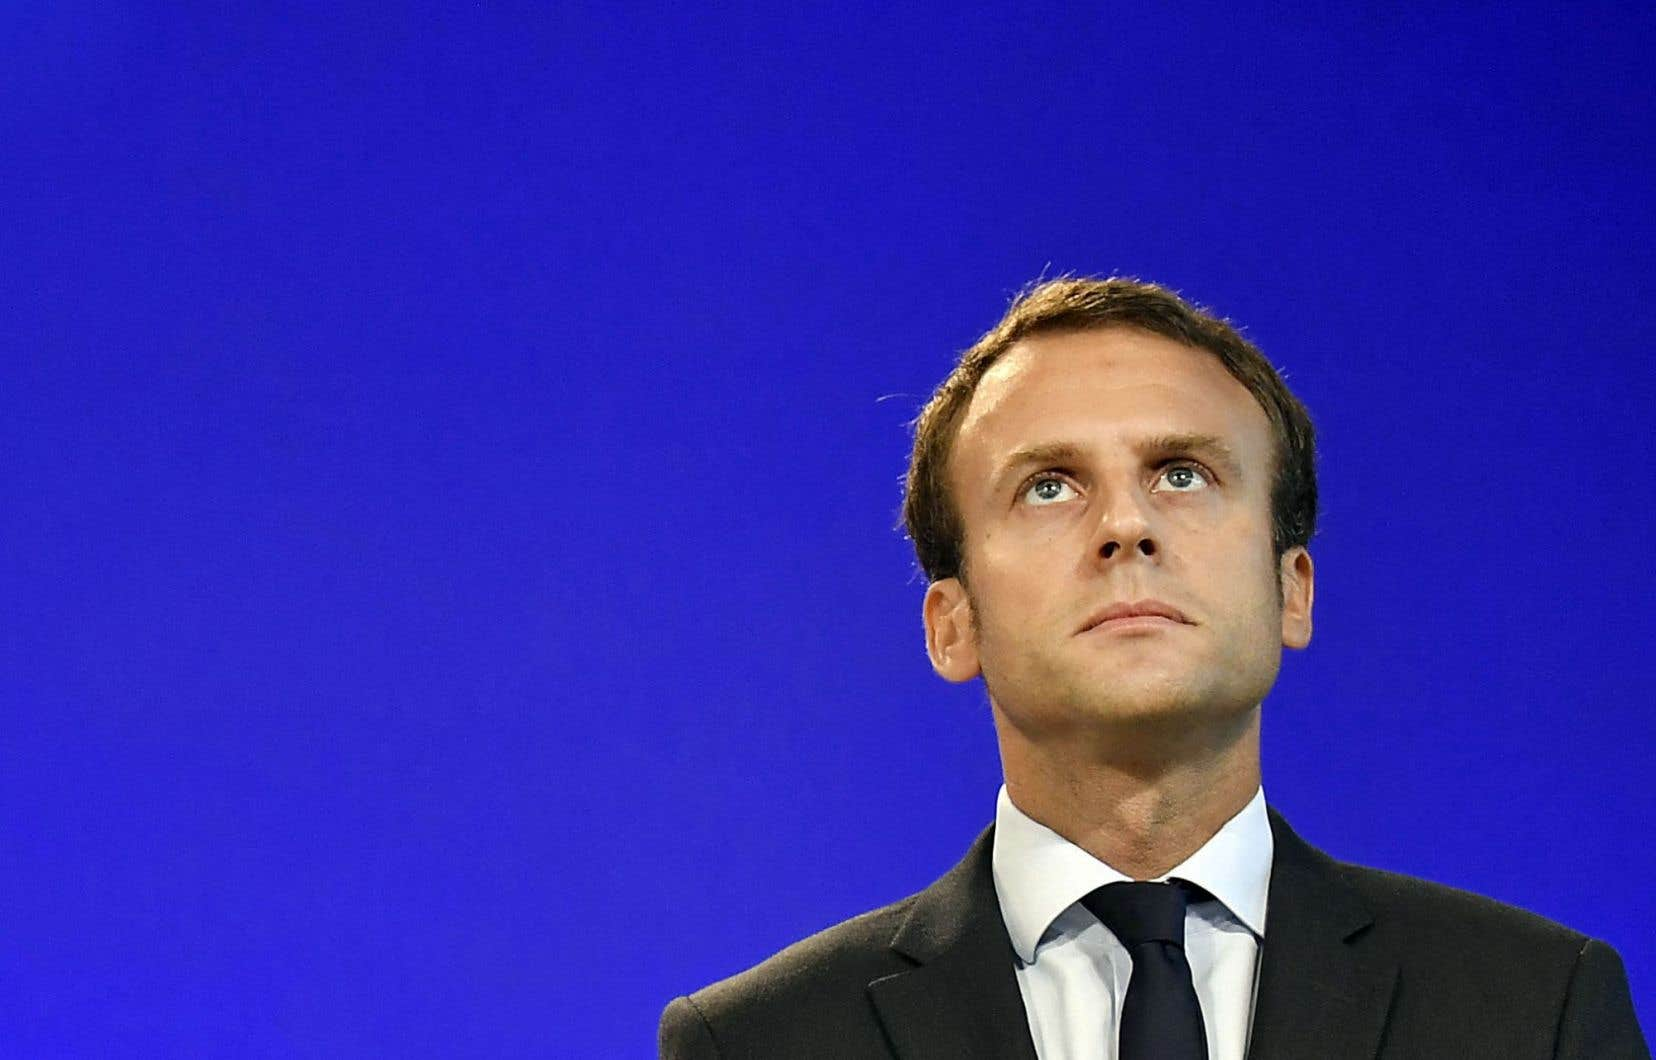 Pur produit des grandes écoles et de l'élite française, l'ancien banquier de chez Rothschild cherche pourtant à apparaître comme un candidat de rupture.